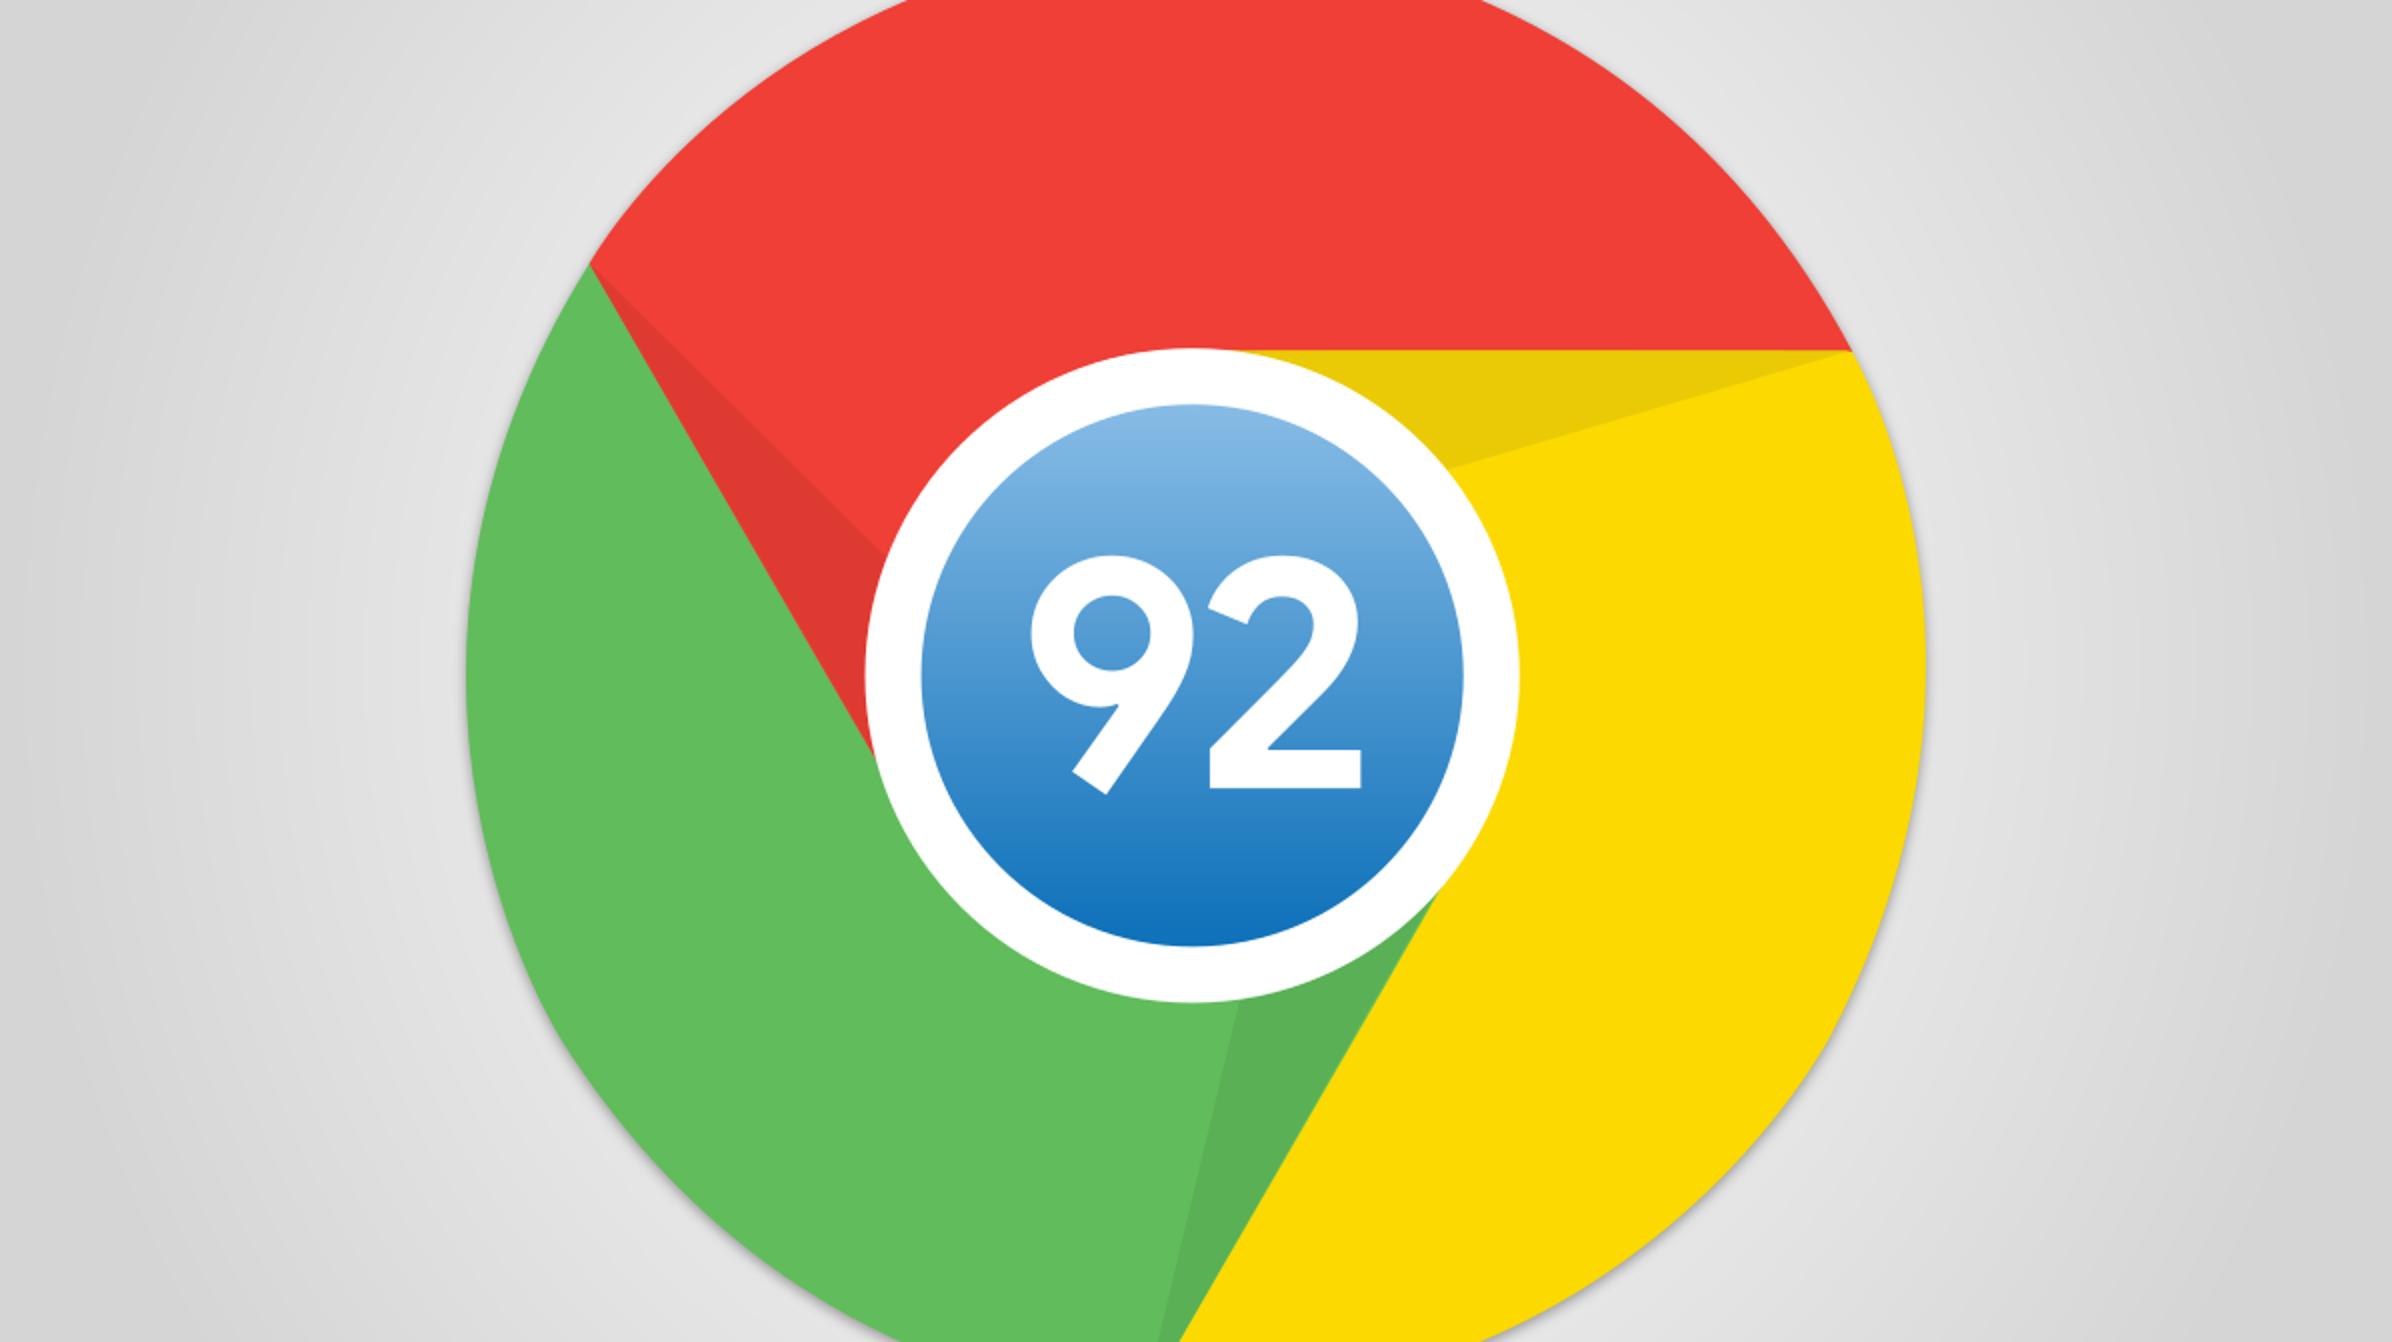 Google Chrome 92 đã ra mắt với các bản sửa lỗi bảo mật